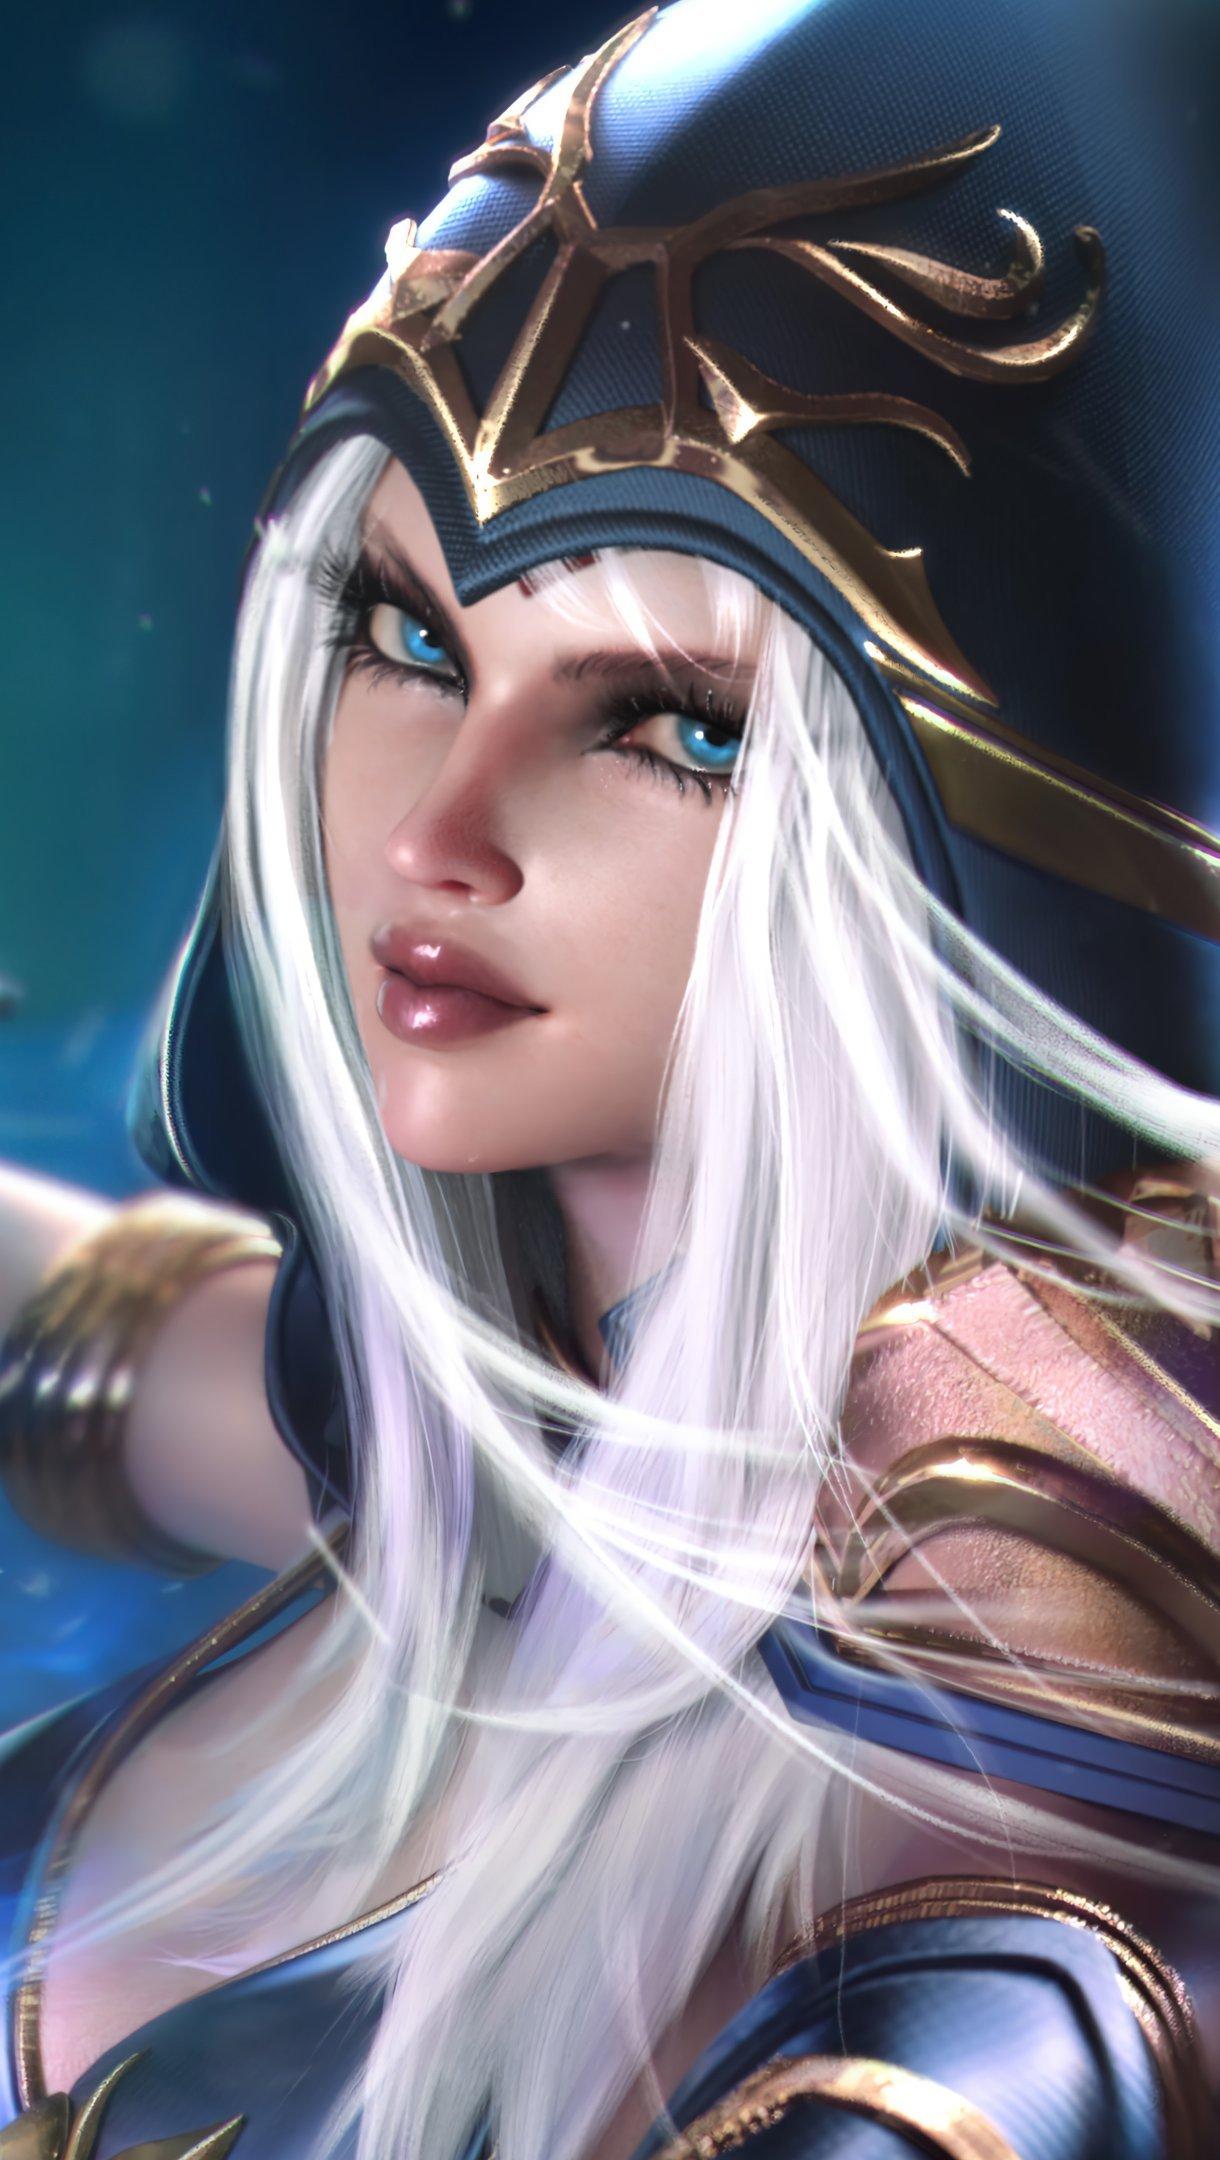 Wallpaper Ashe League of Legends Vertical